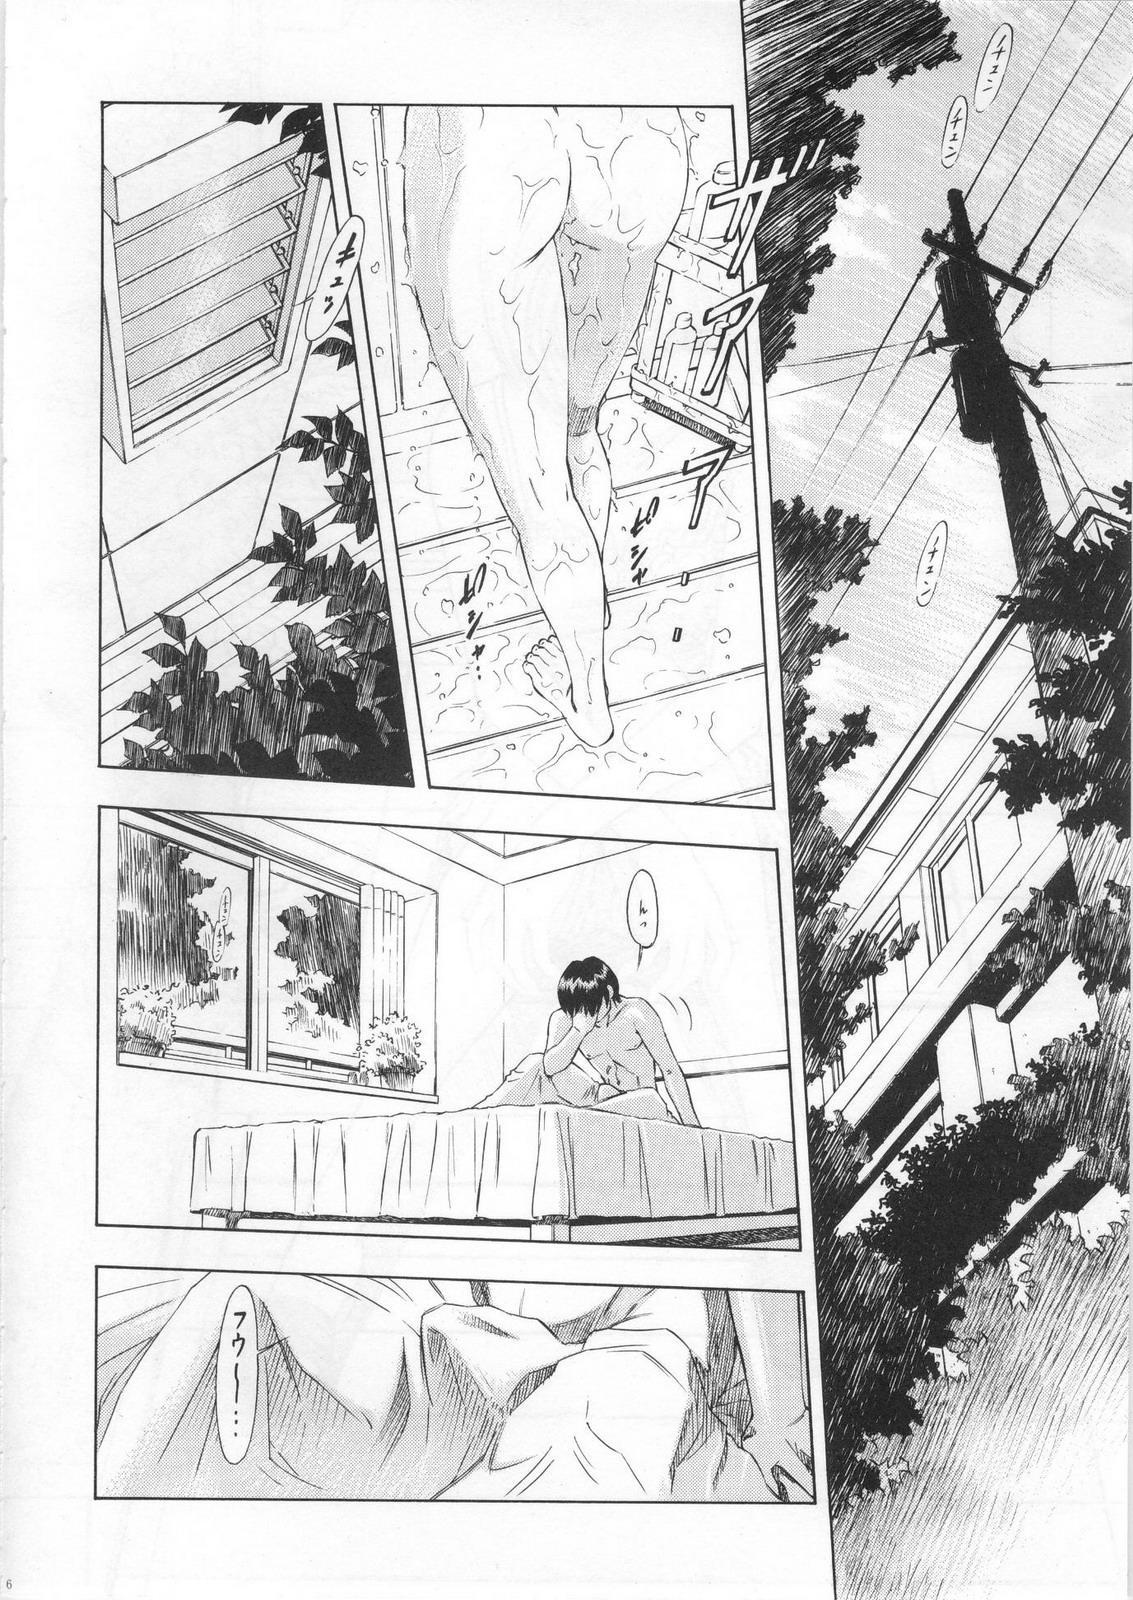 (COMIC1☆5) [Studio Wallaby (Kura Oh)]  Ayanami - Asa Hiru Yoru - Shin (Neon Genesis Evangelion) 4